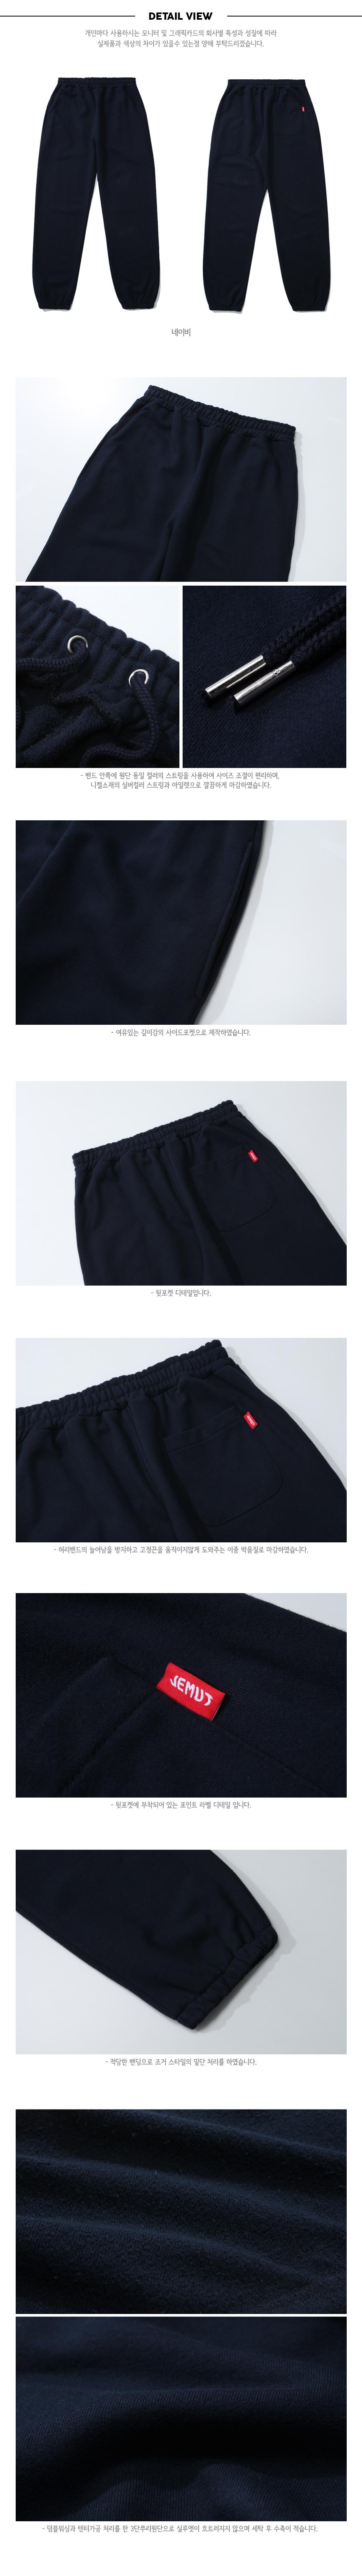 20190129_wide_easy_pants_detail_navy_yh.jpg